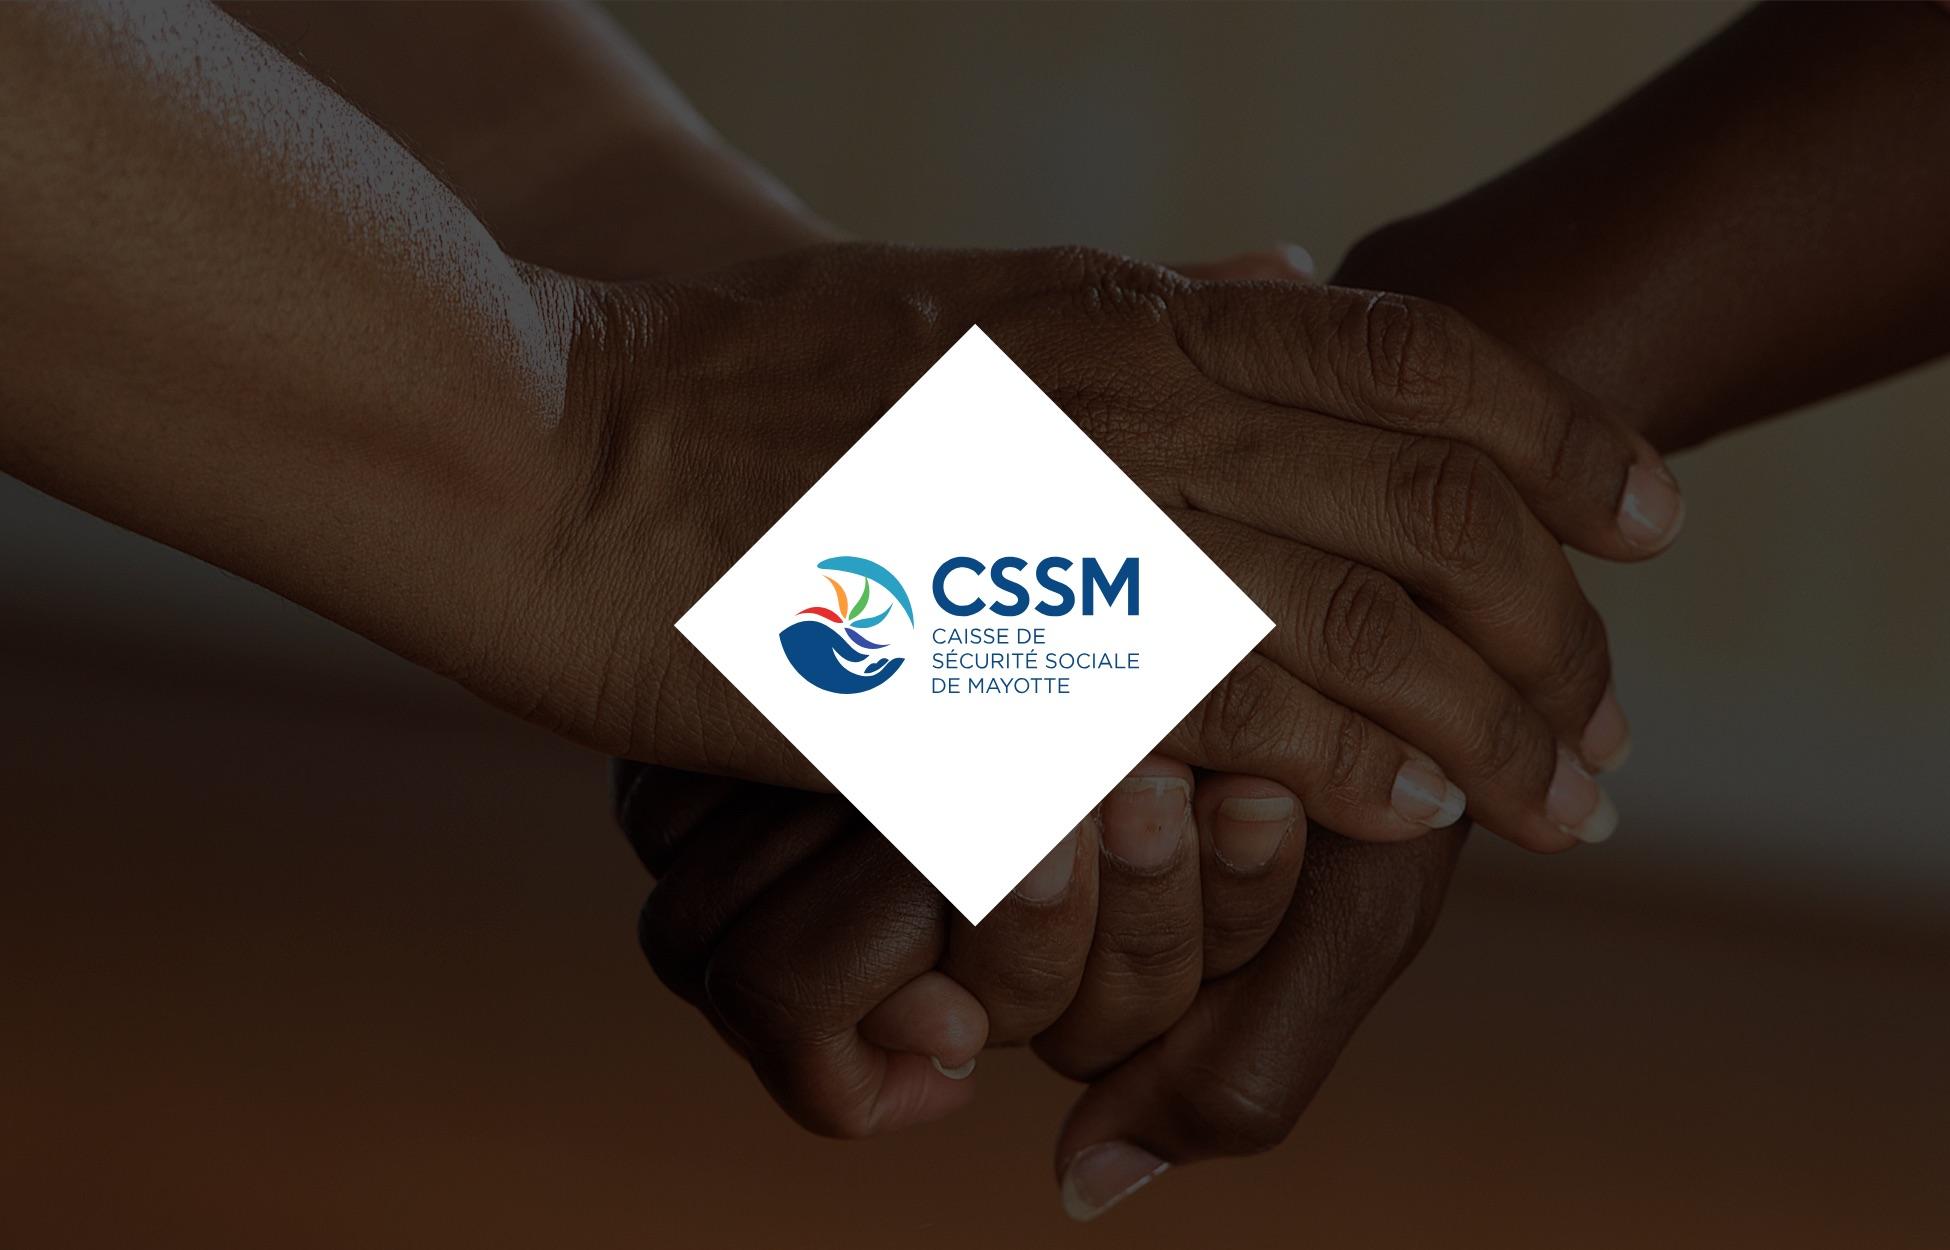 Caisse de Sécurité Sociale de Mayotte (CSSM)